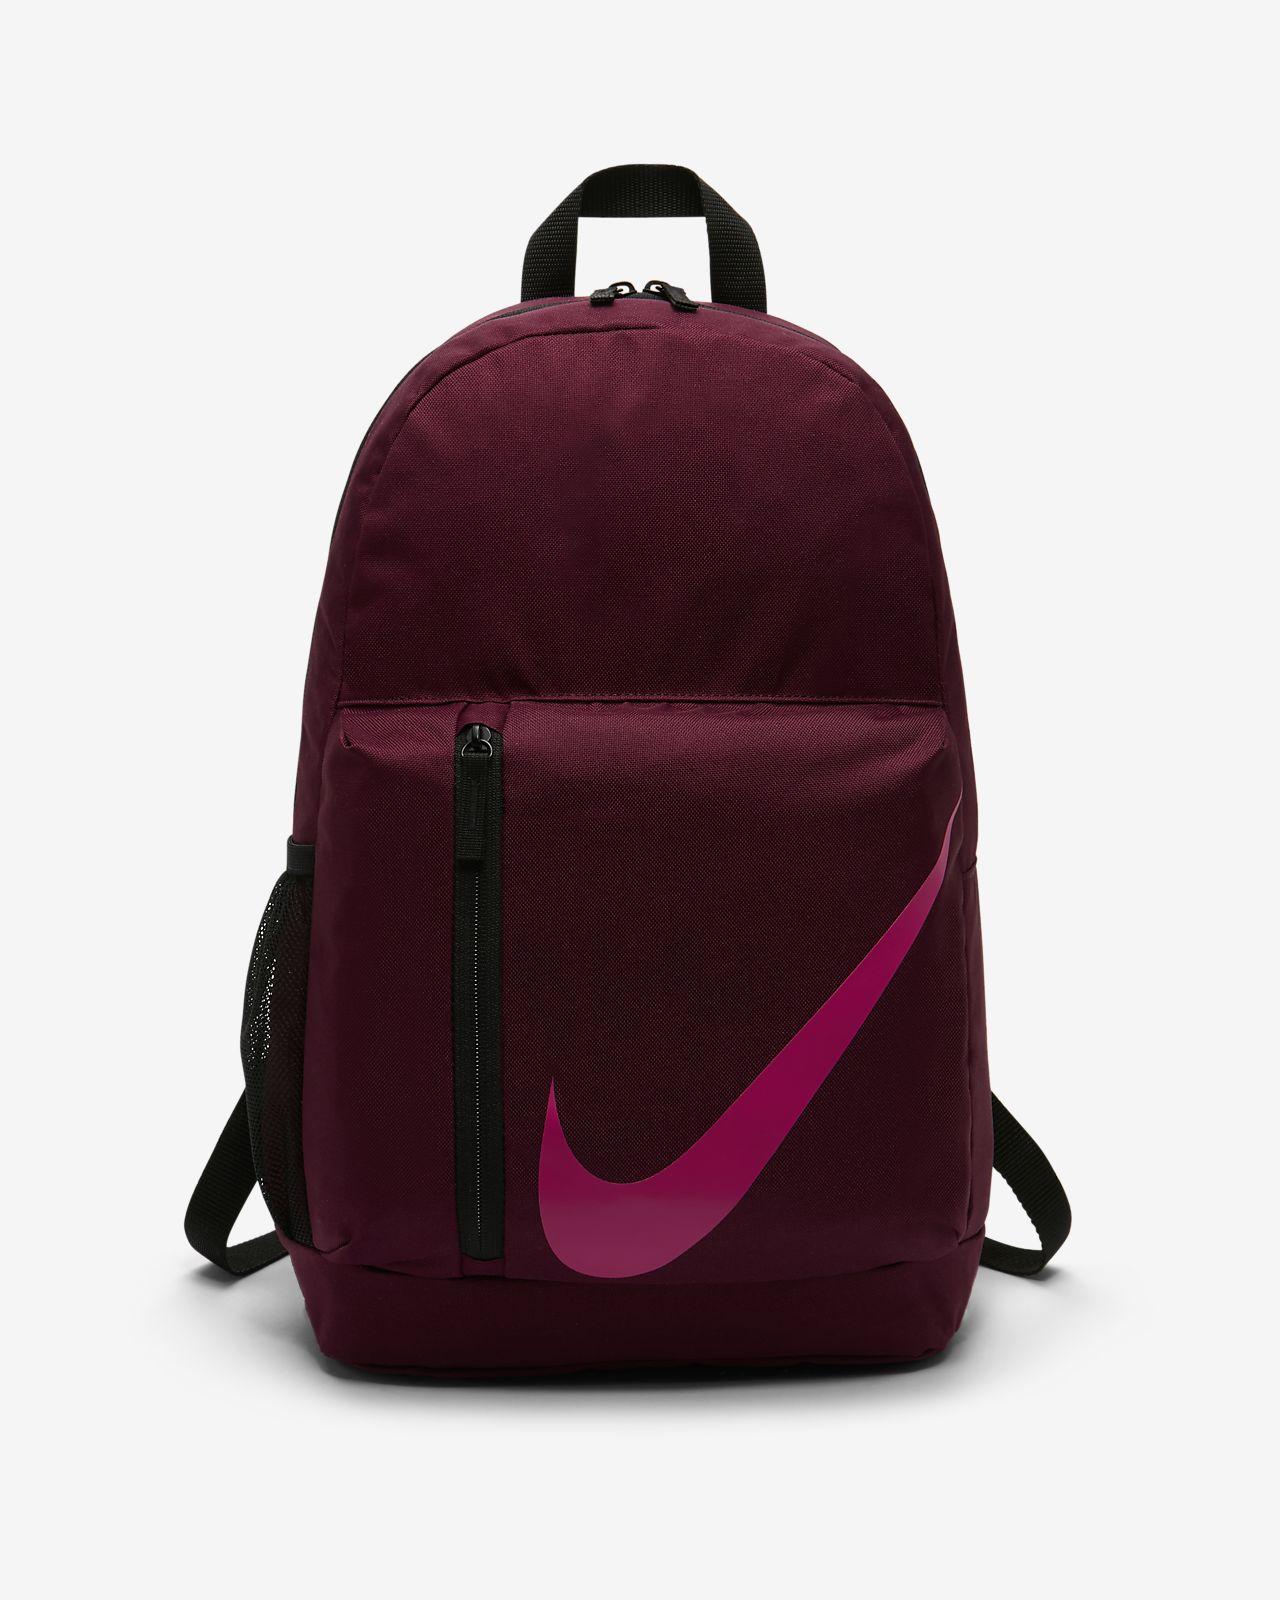 Nike Sac À Dos Noir Violet F5 2017-18 parfait sortie vente amazon jeu grand escompte original vente eastbay V0vjX